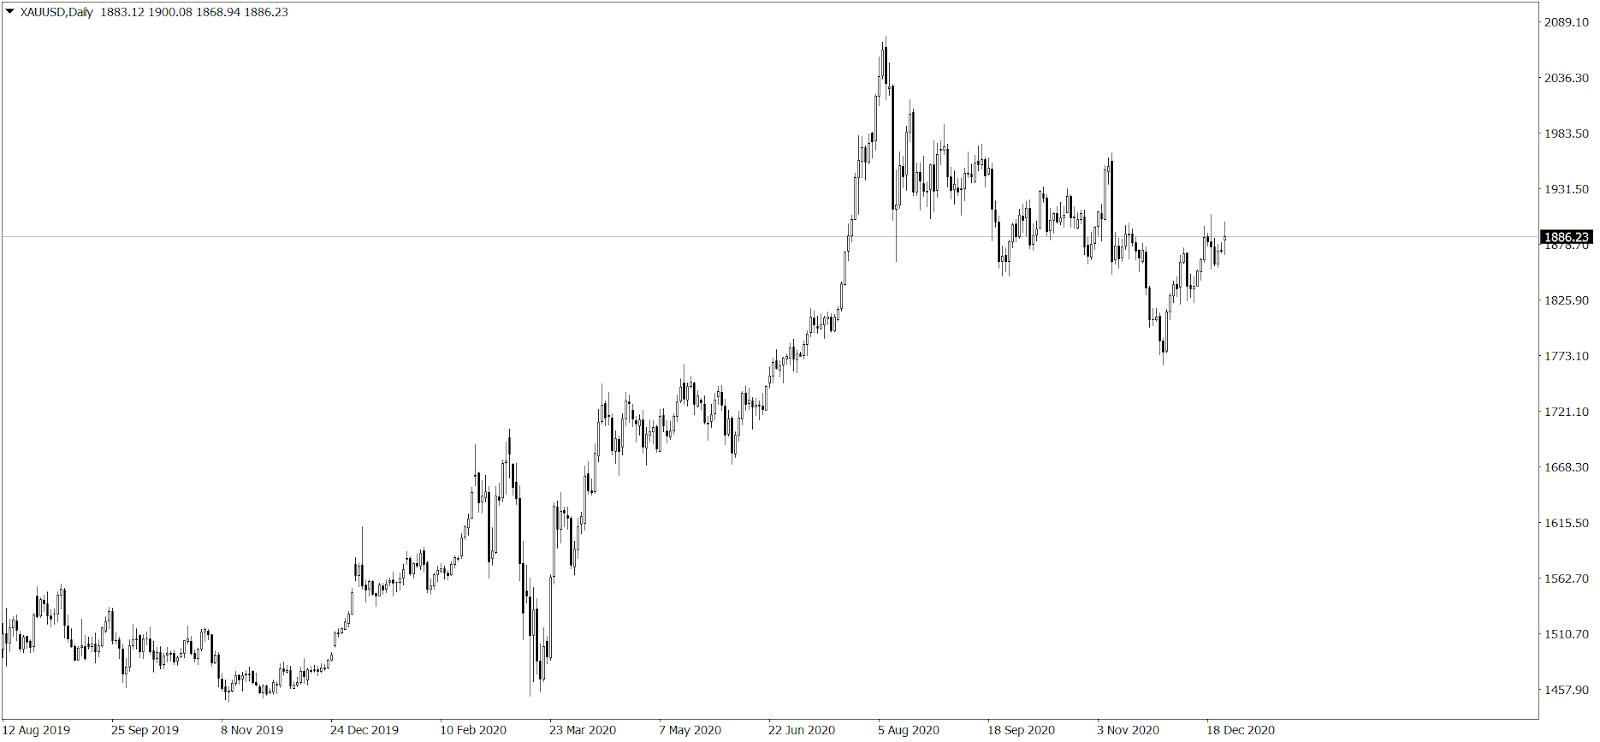 wykres złota - 28.12.2020